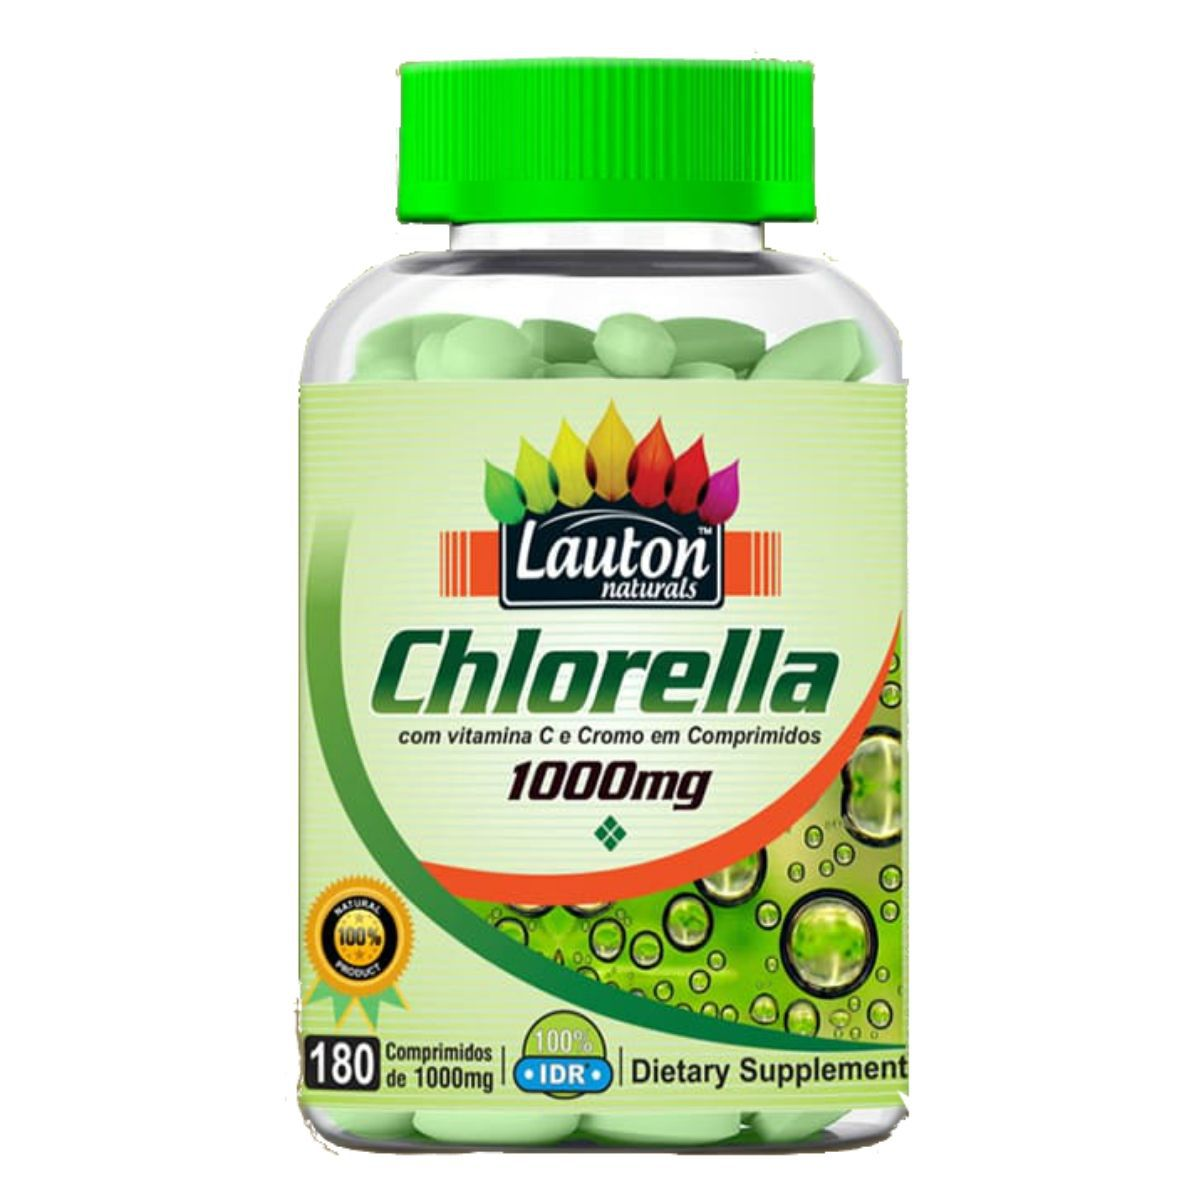 Chlorella Lauton Nutrition 1000mg 180 Comprimidos